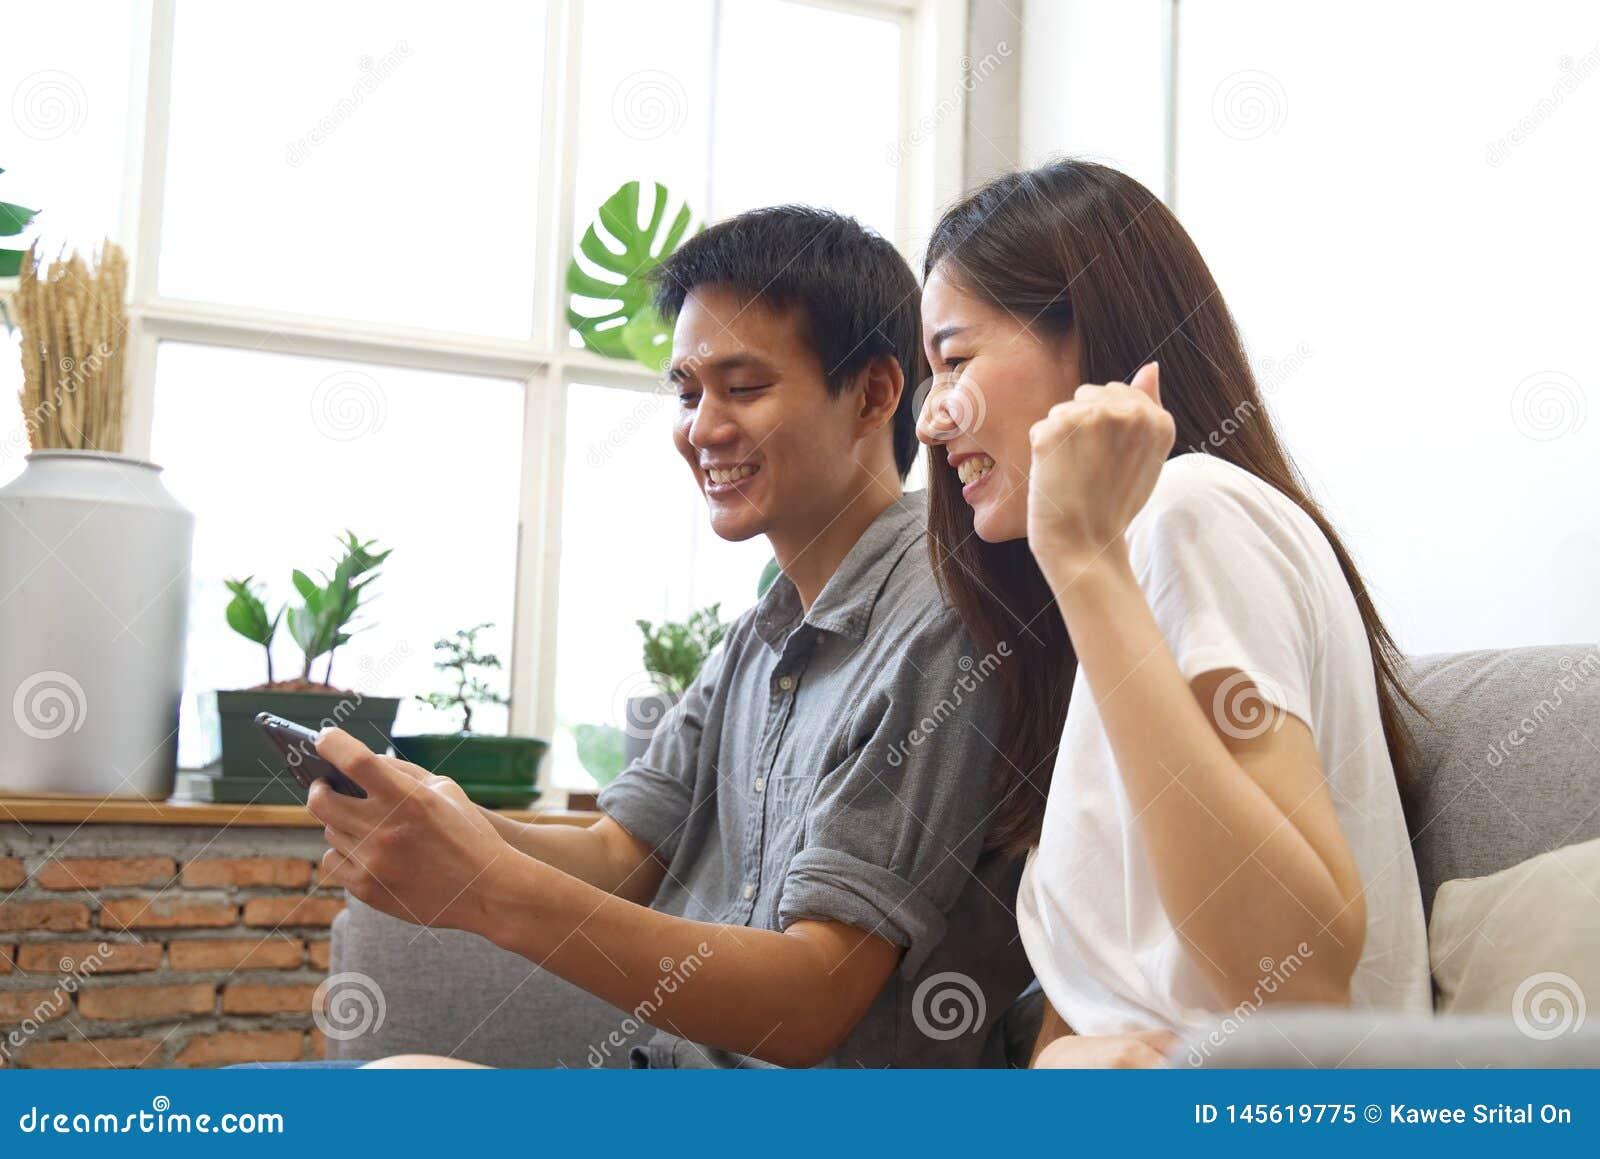 Молодые пары сидя на софе наблюдают мобильный телефон и чувствуют surprise&happy когда знайте результат со стороной улыбки t